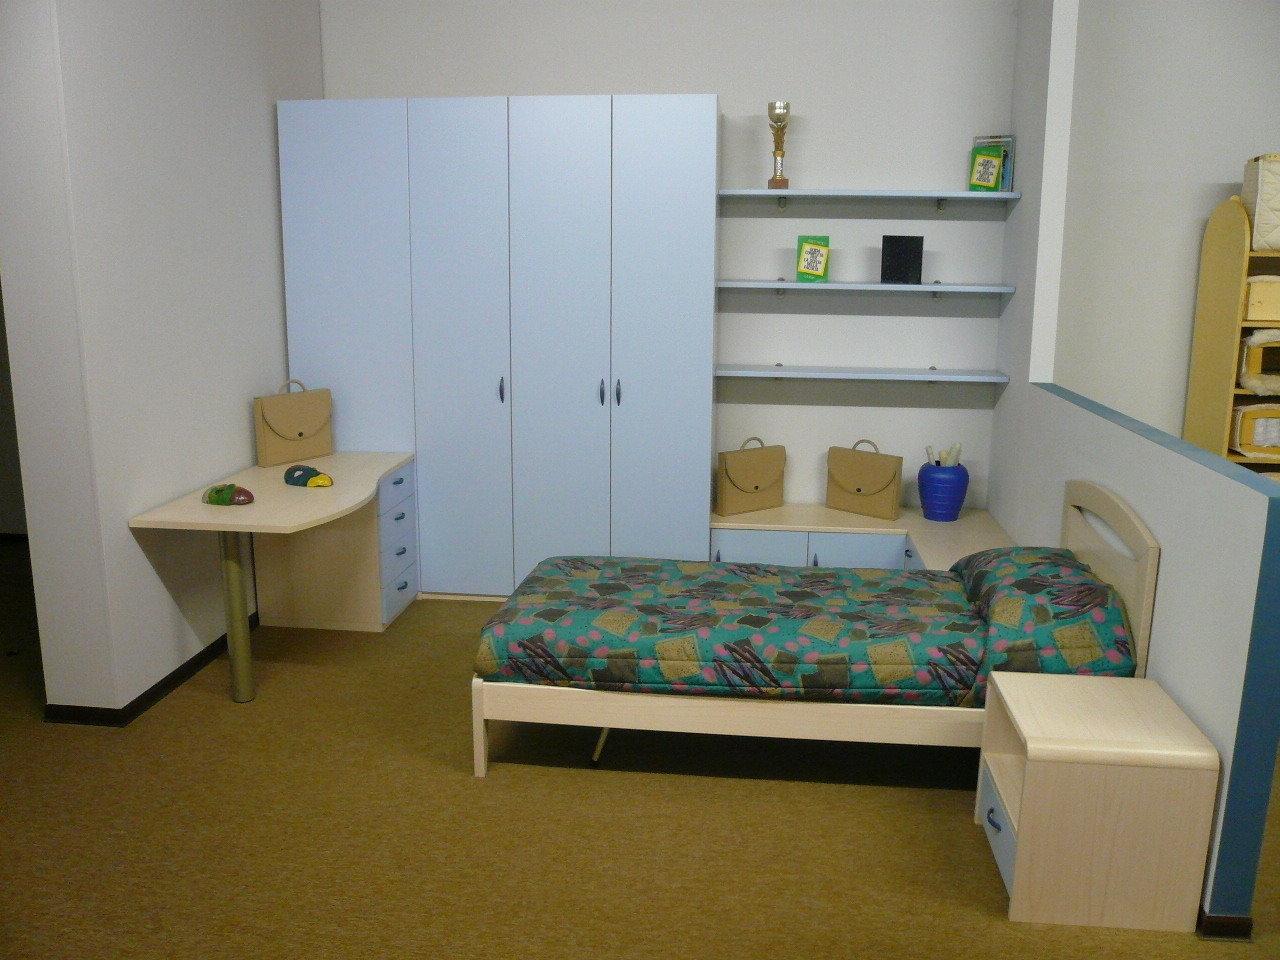 Camera da letto bambini mito scontata del 61 camerette for Camera letto bambini